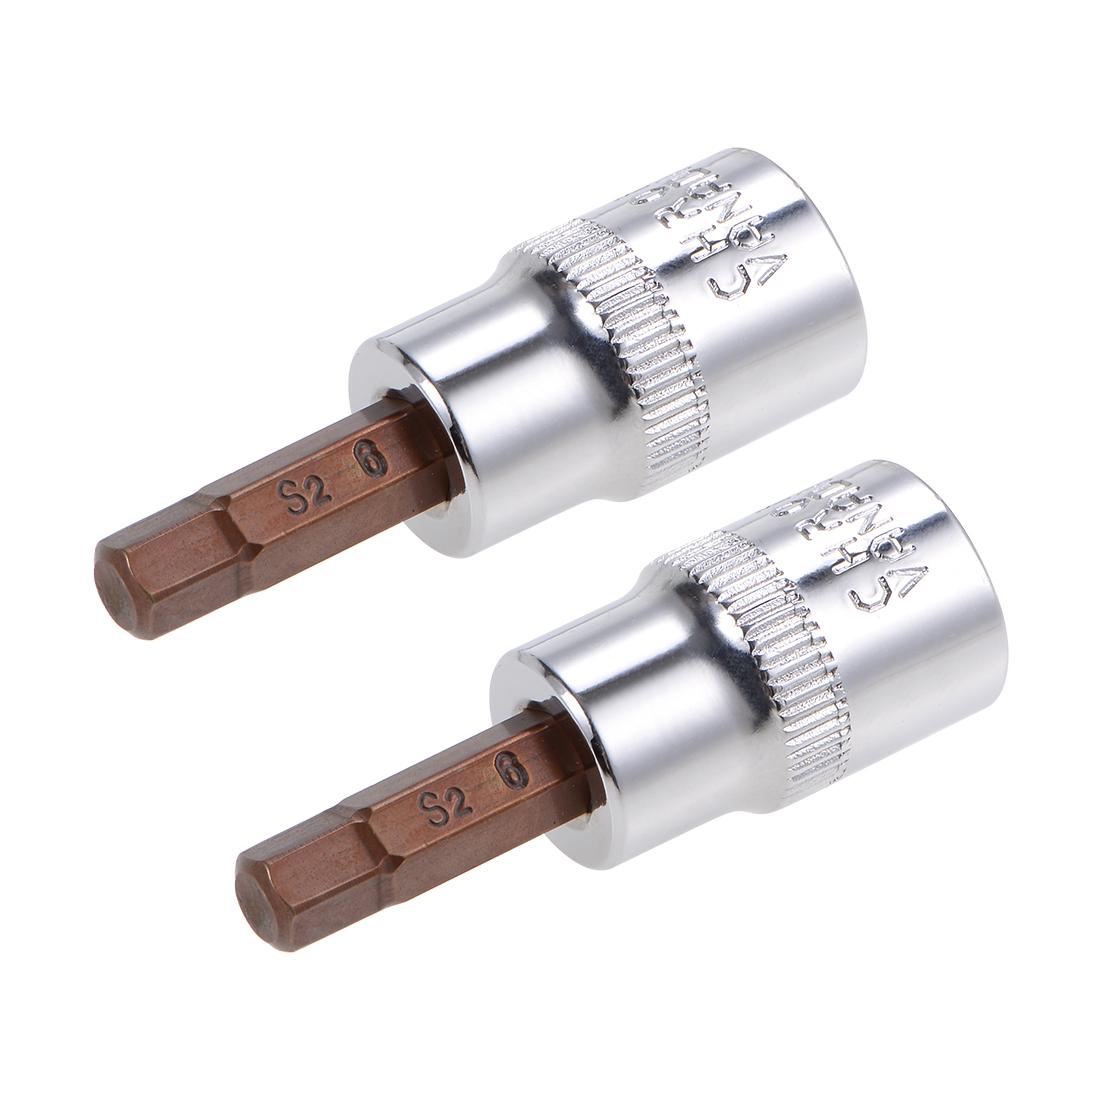 """3/8"""" Drive x 6mm Hex Bit Socket, Standard Metric, S2 & Cr-V Steel"""